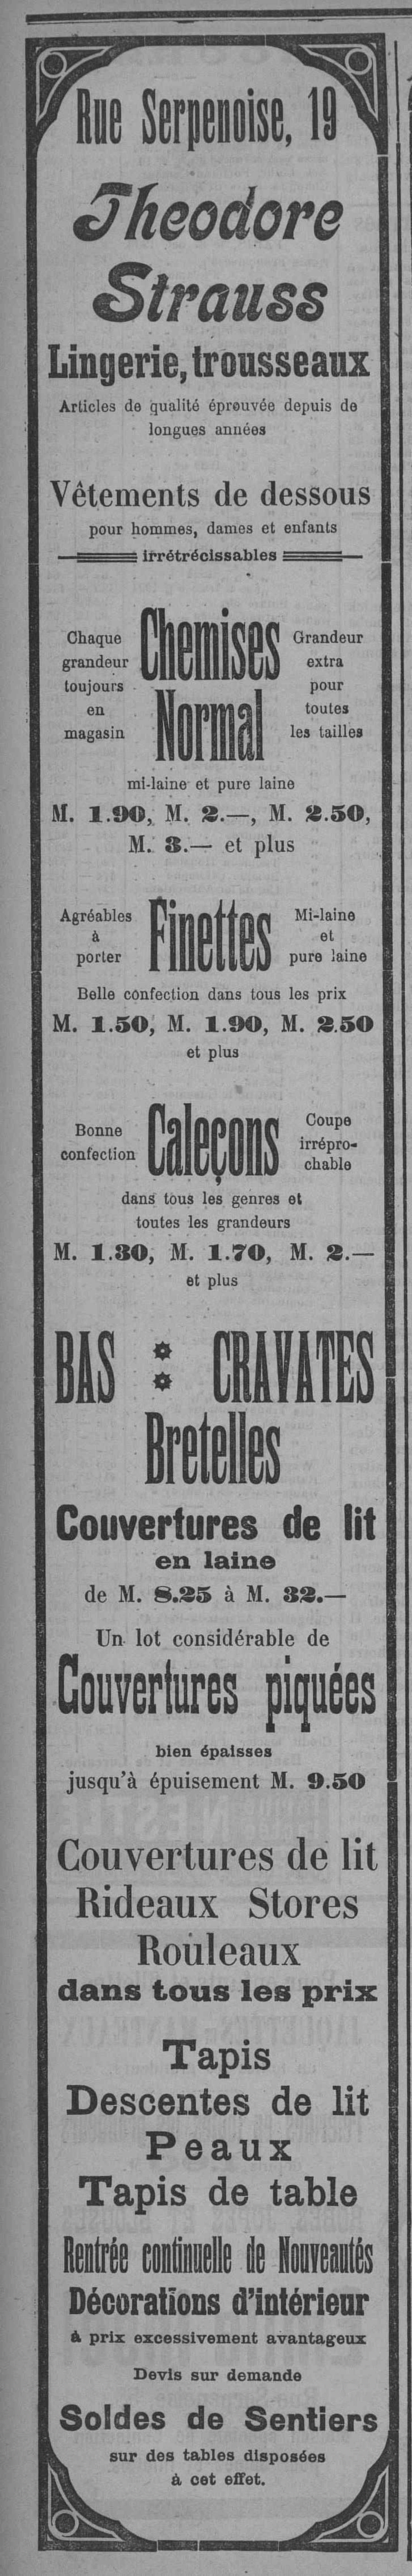 Contenu du Théodore Strauss. Lingerie et trousseaux